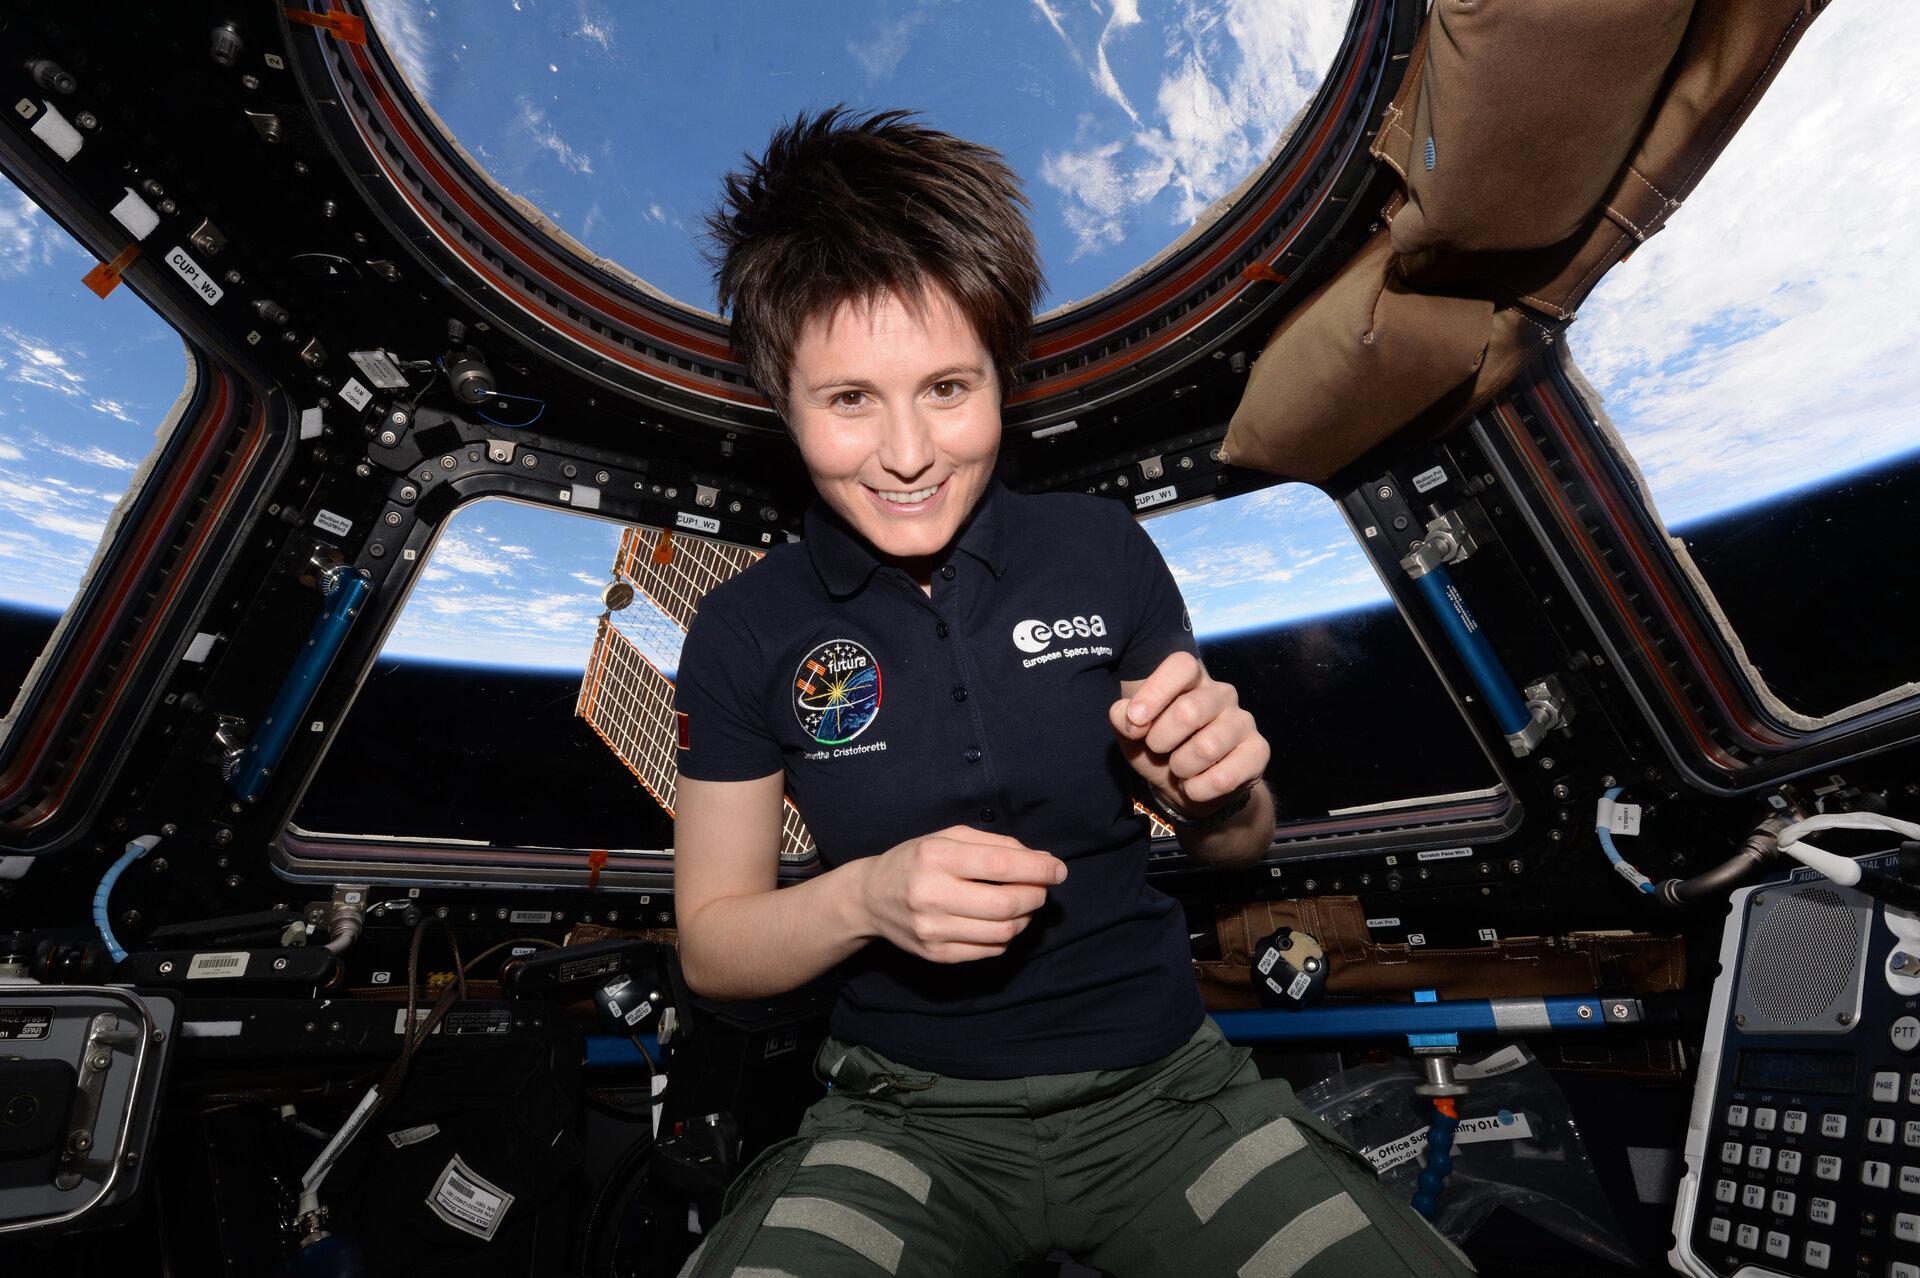 Европейка впервые возглавит экспедицию на МКС